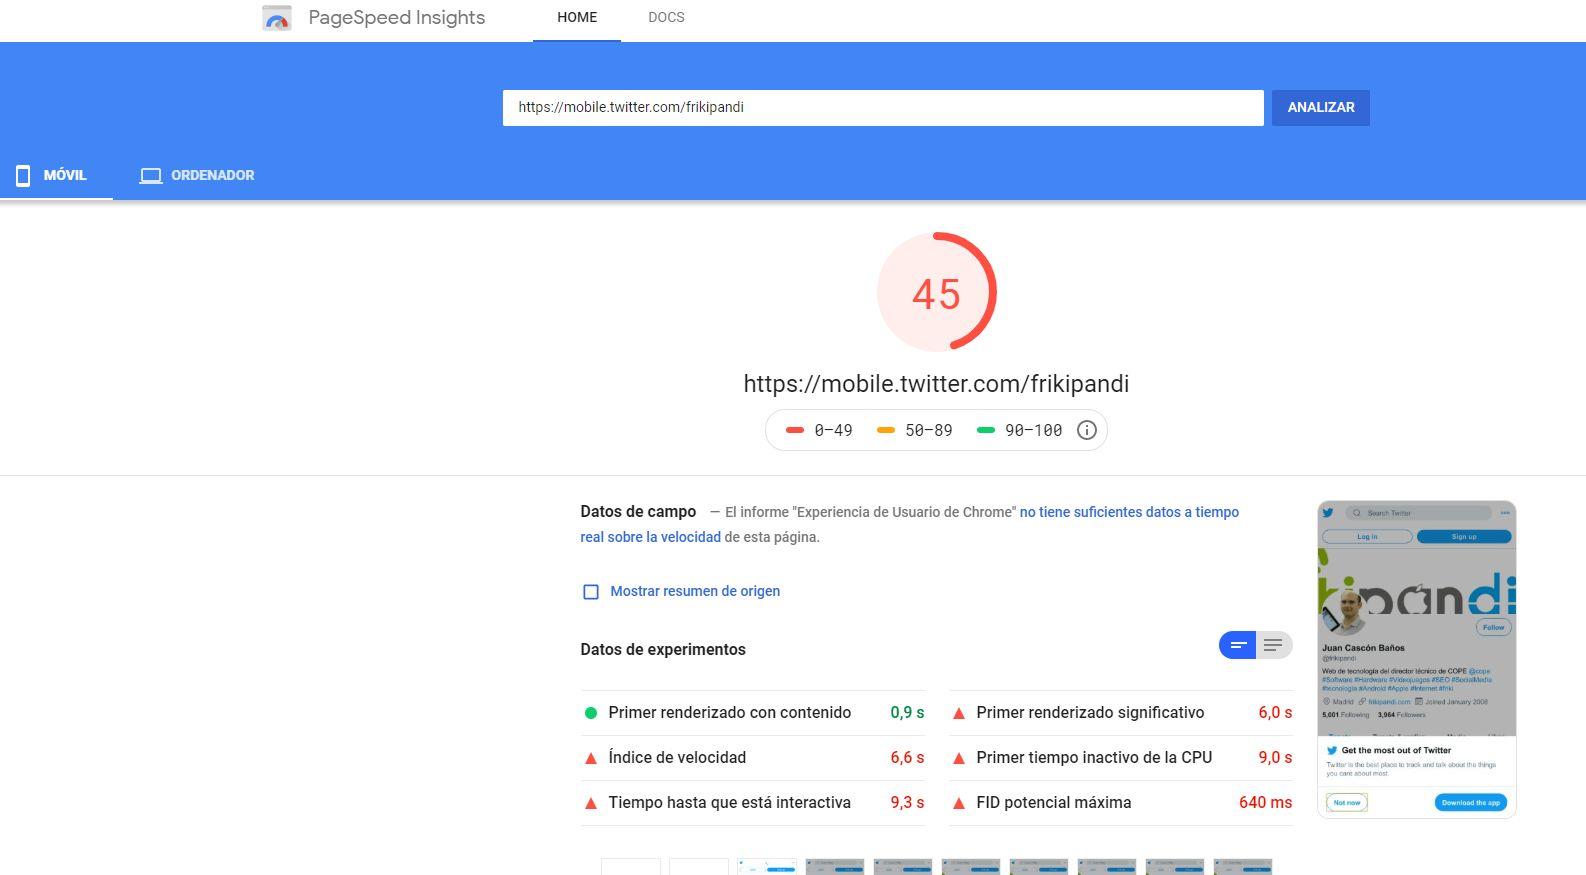 Nuevo diseño de Twitter en Google Page Speed